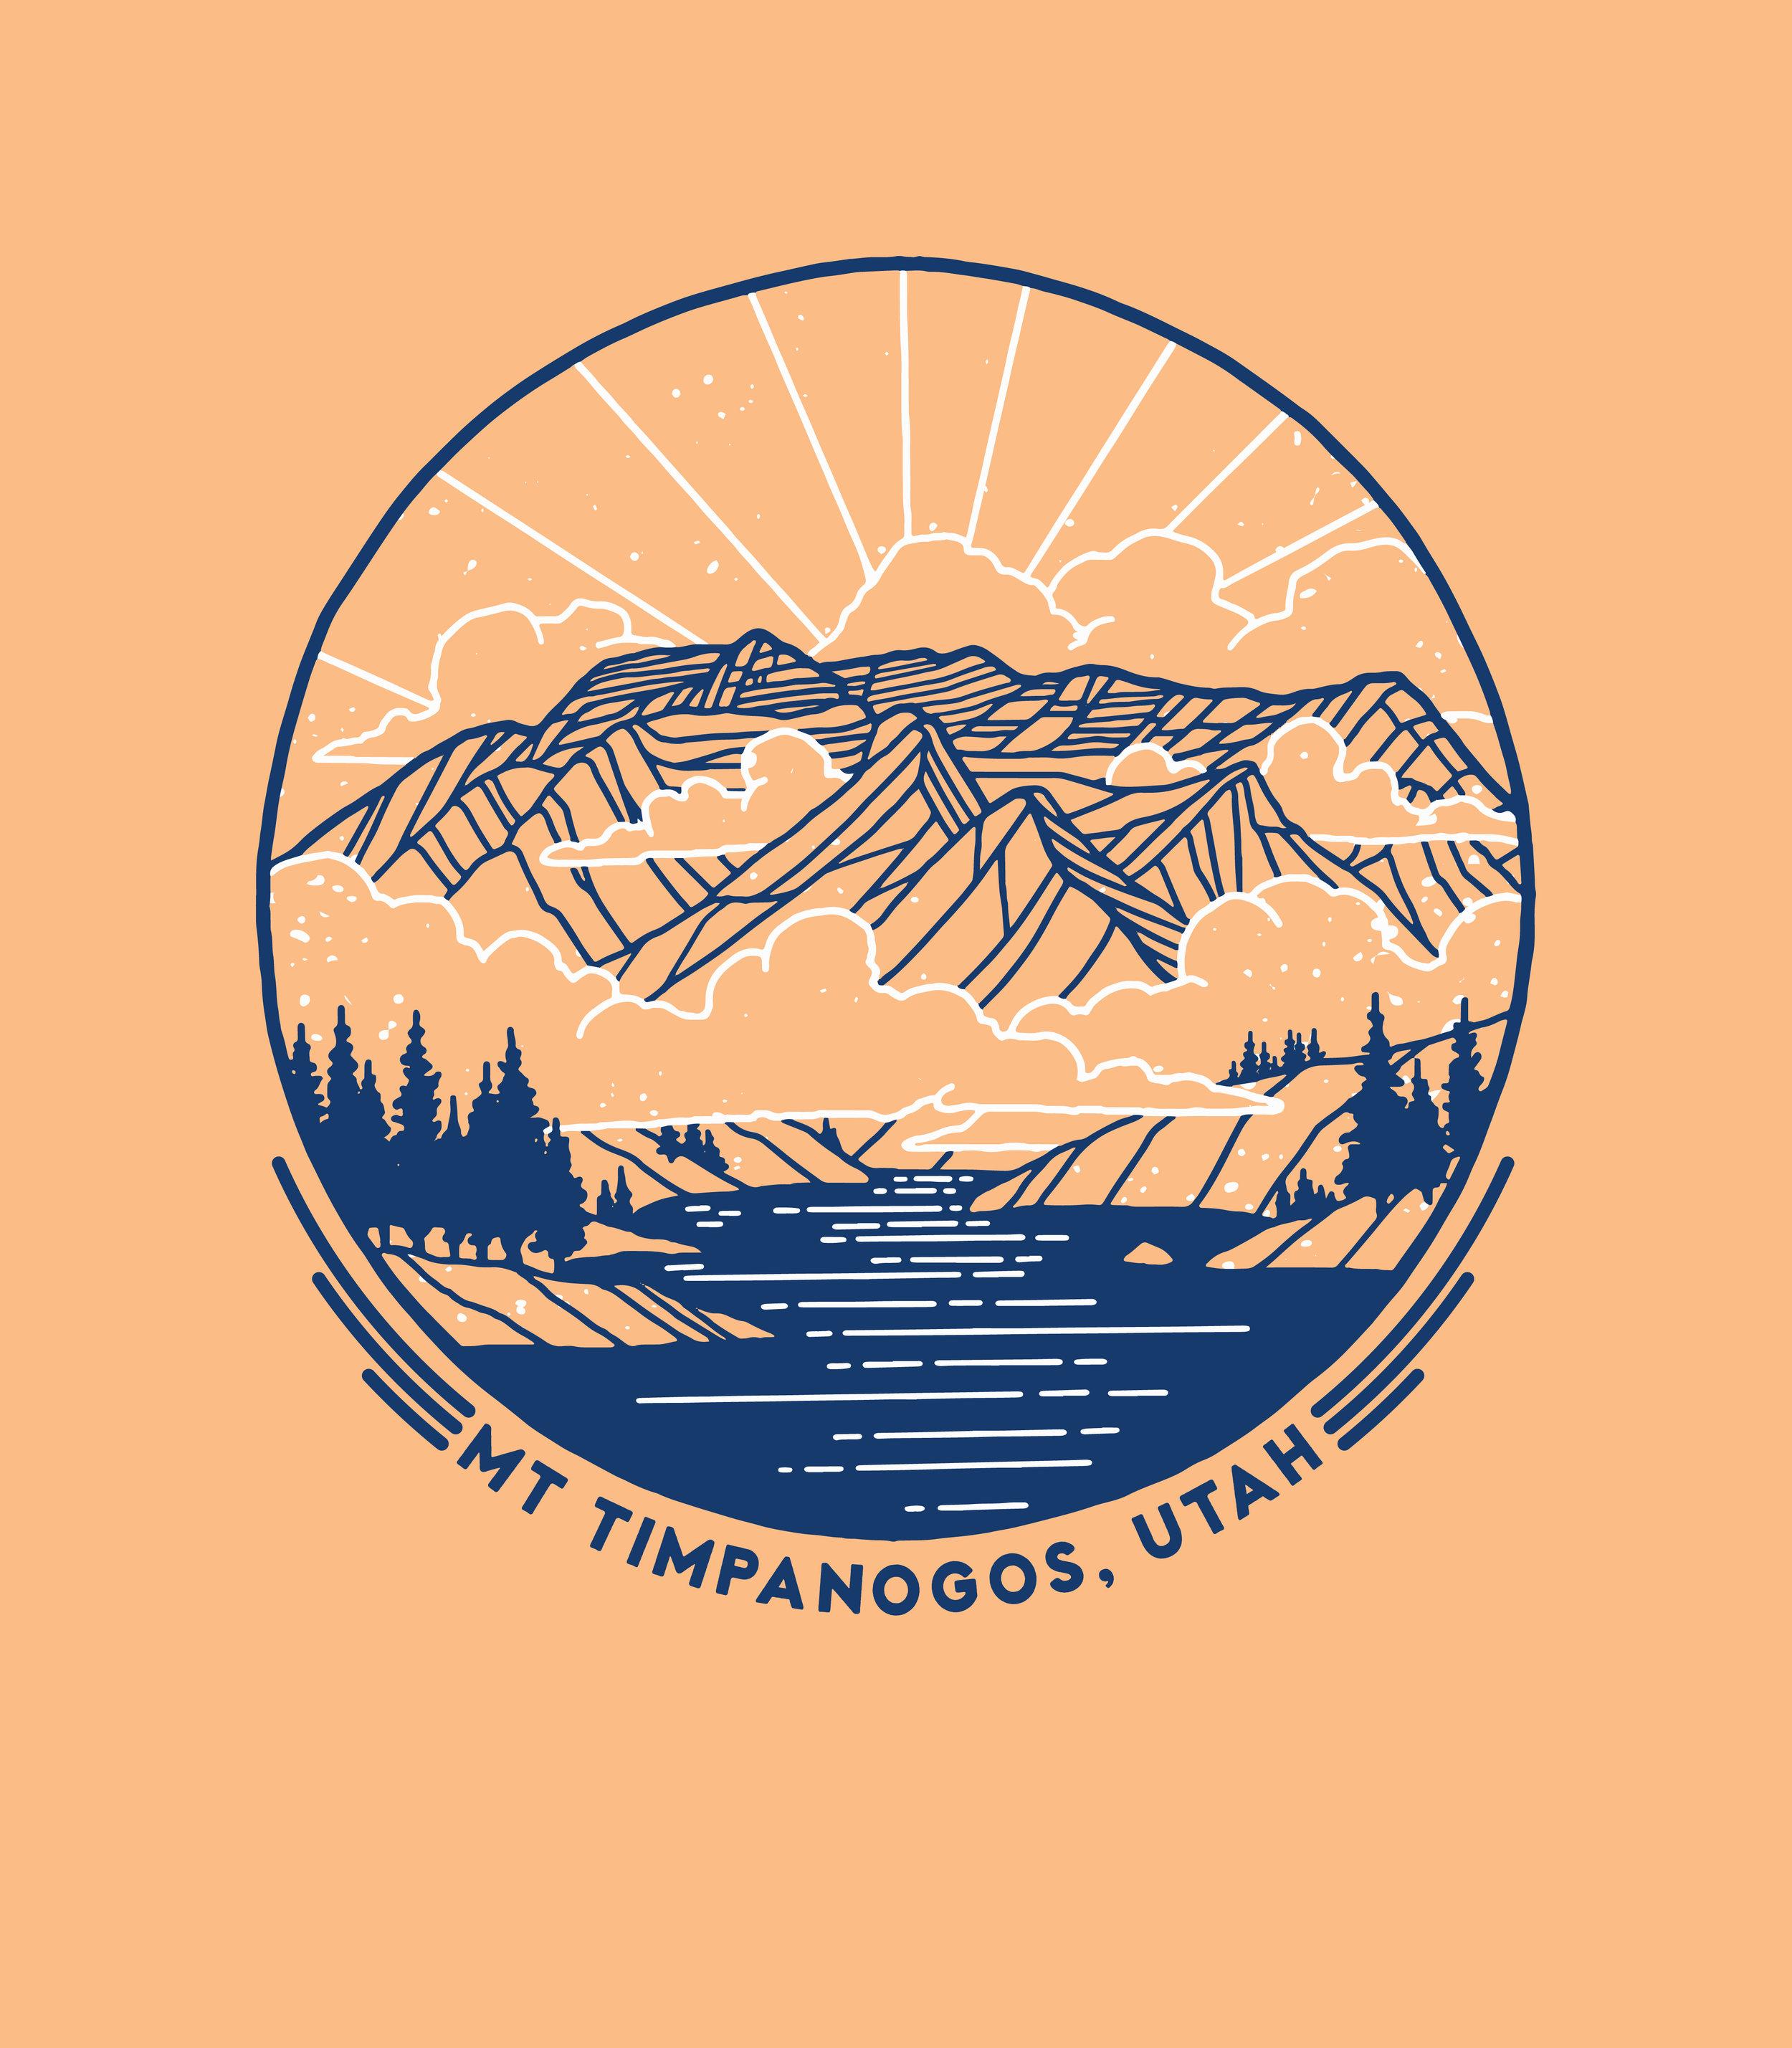 Timpanogos 14x16-01.jpg